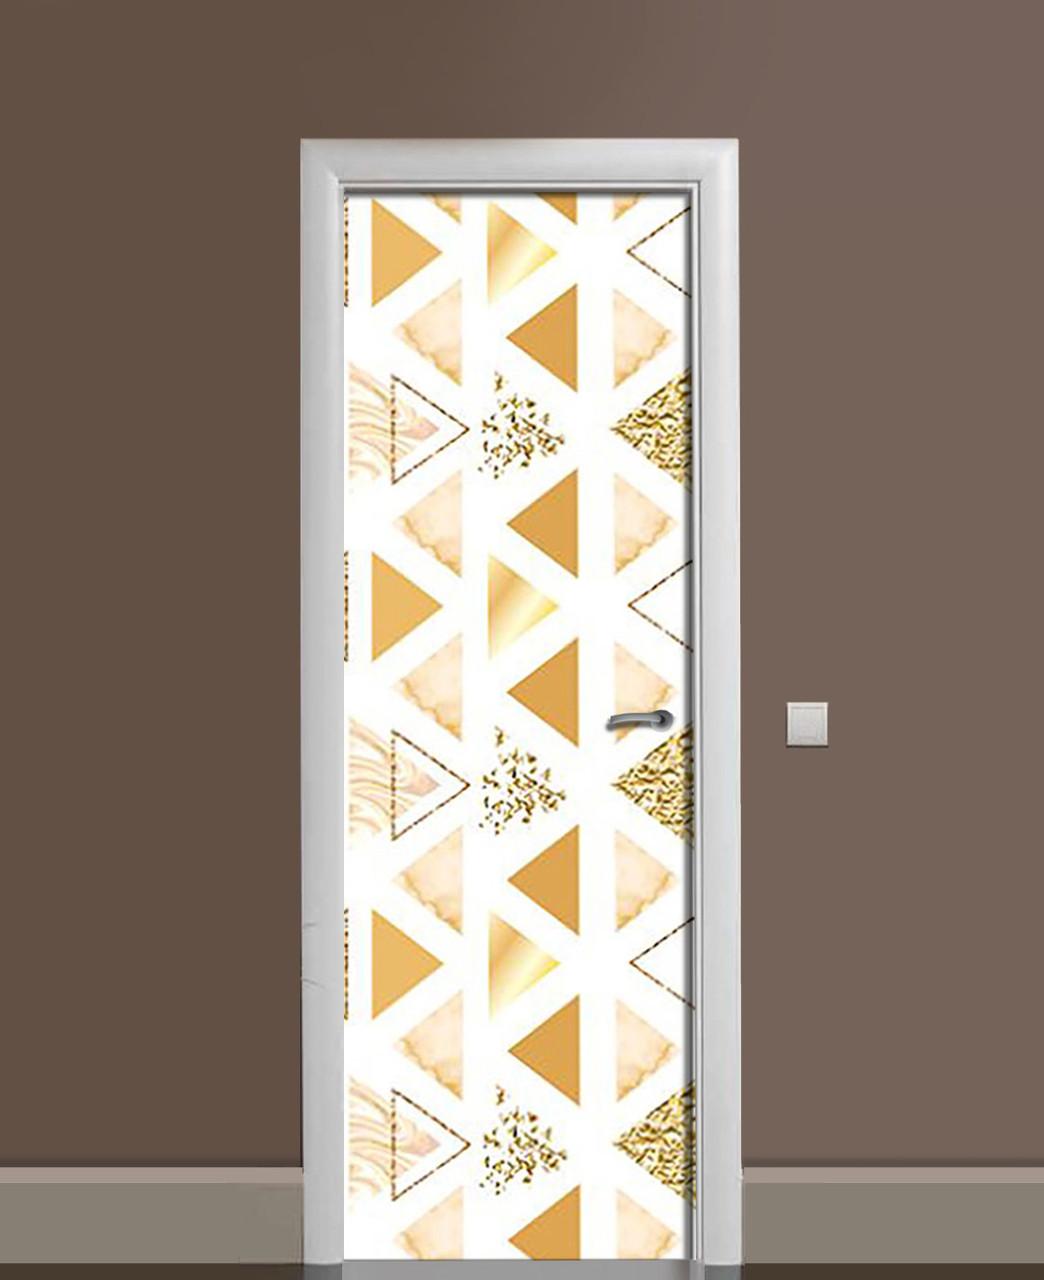 Декор двері Наклейка вінілова Орнамент Трикутники ПВХ плівка з ламінуванням 65*200см Геометрія Бежевий